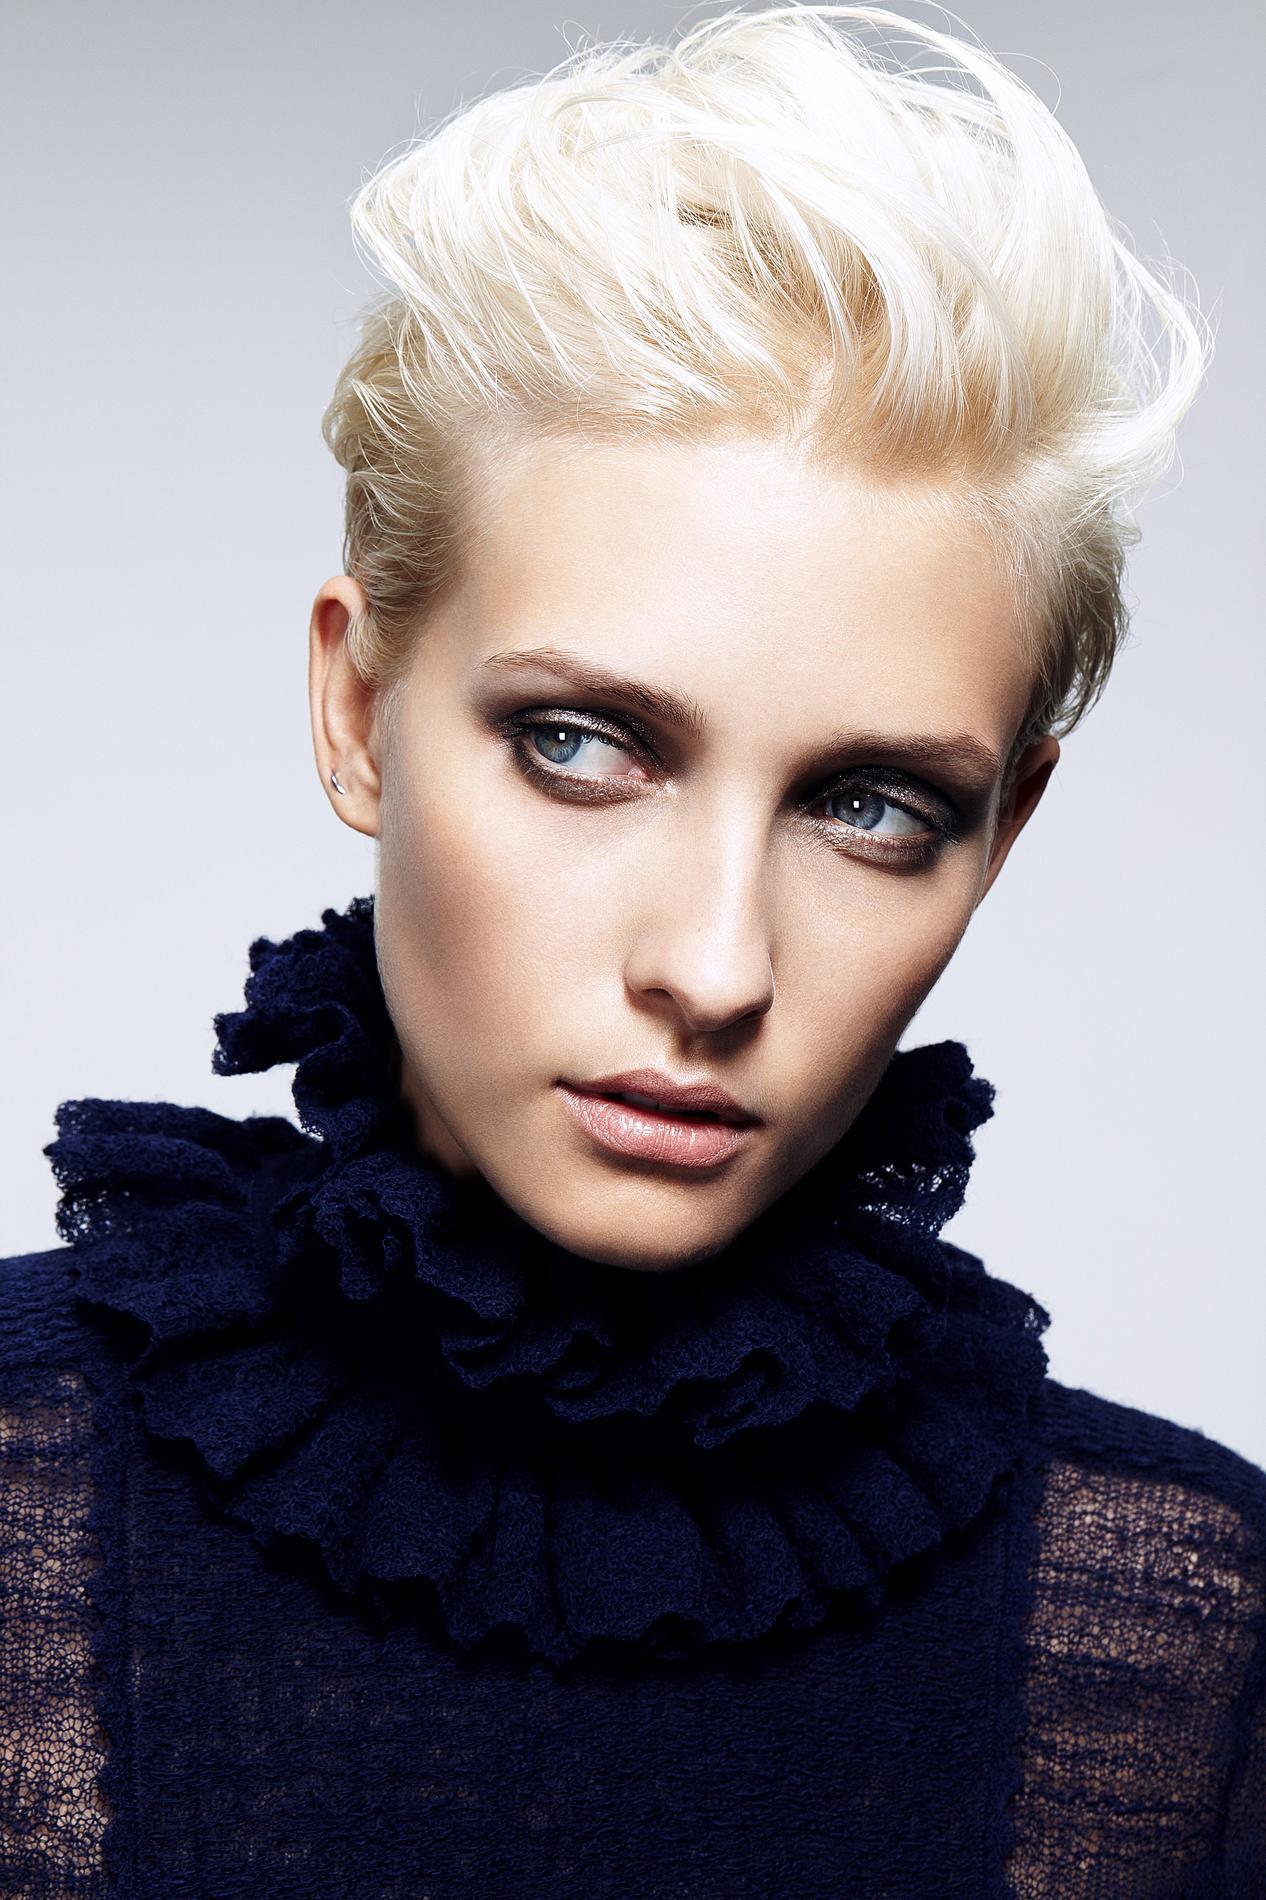 Cheveux : la bonne couleur et la bonne coupe pour l'hiver -...